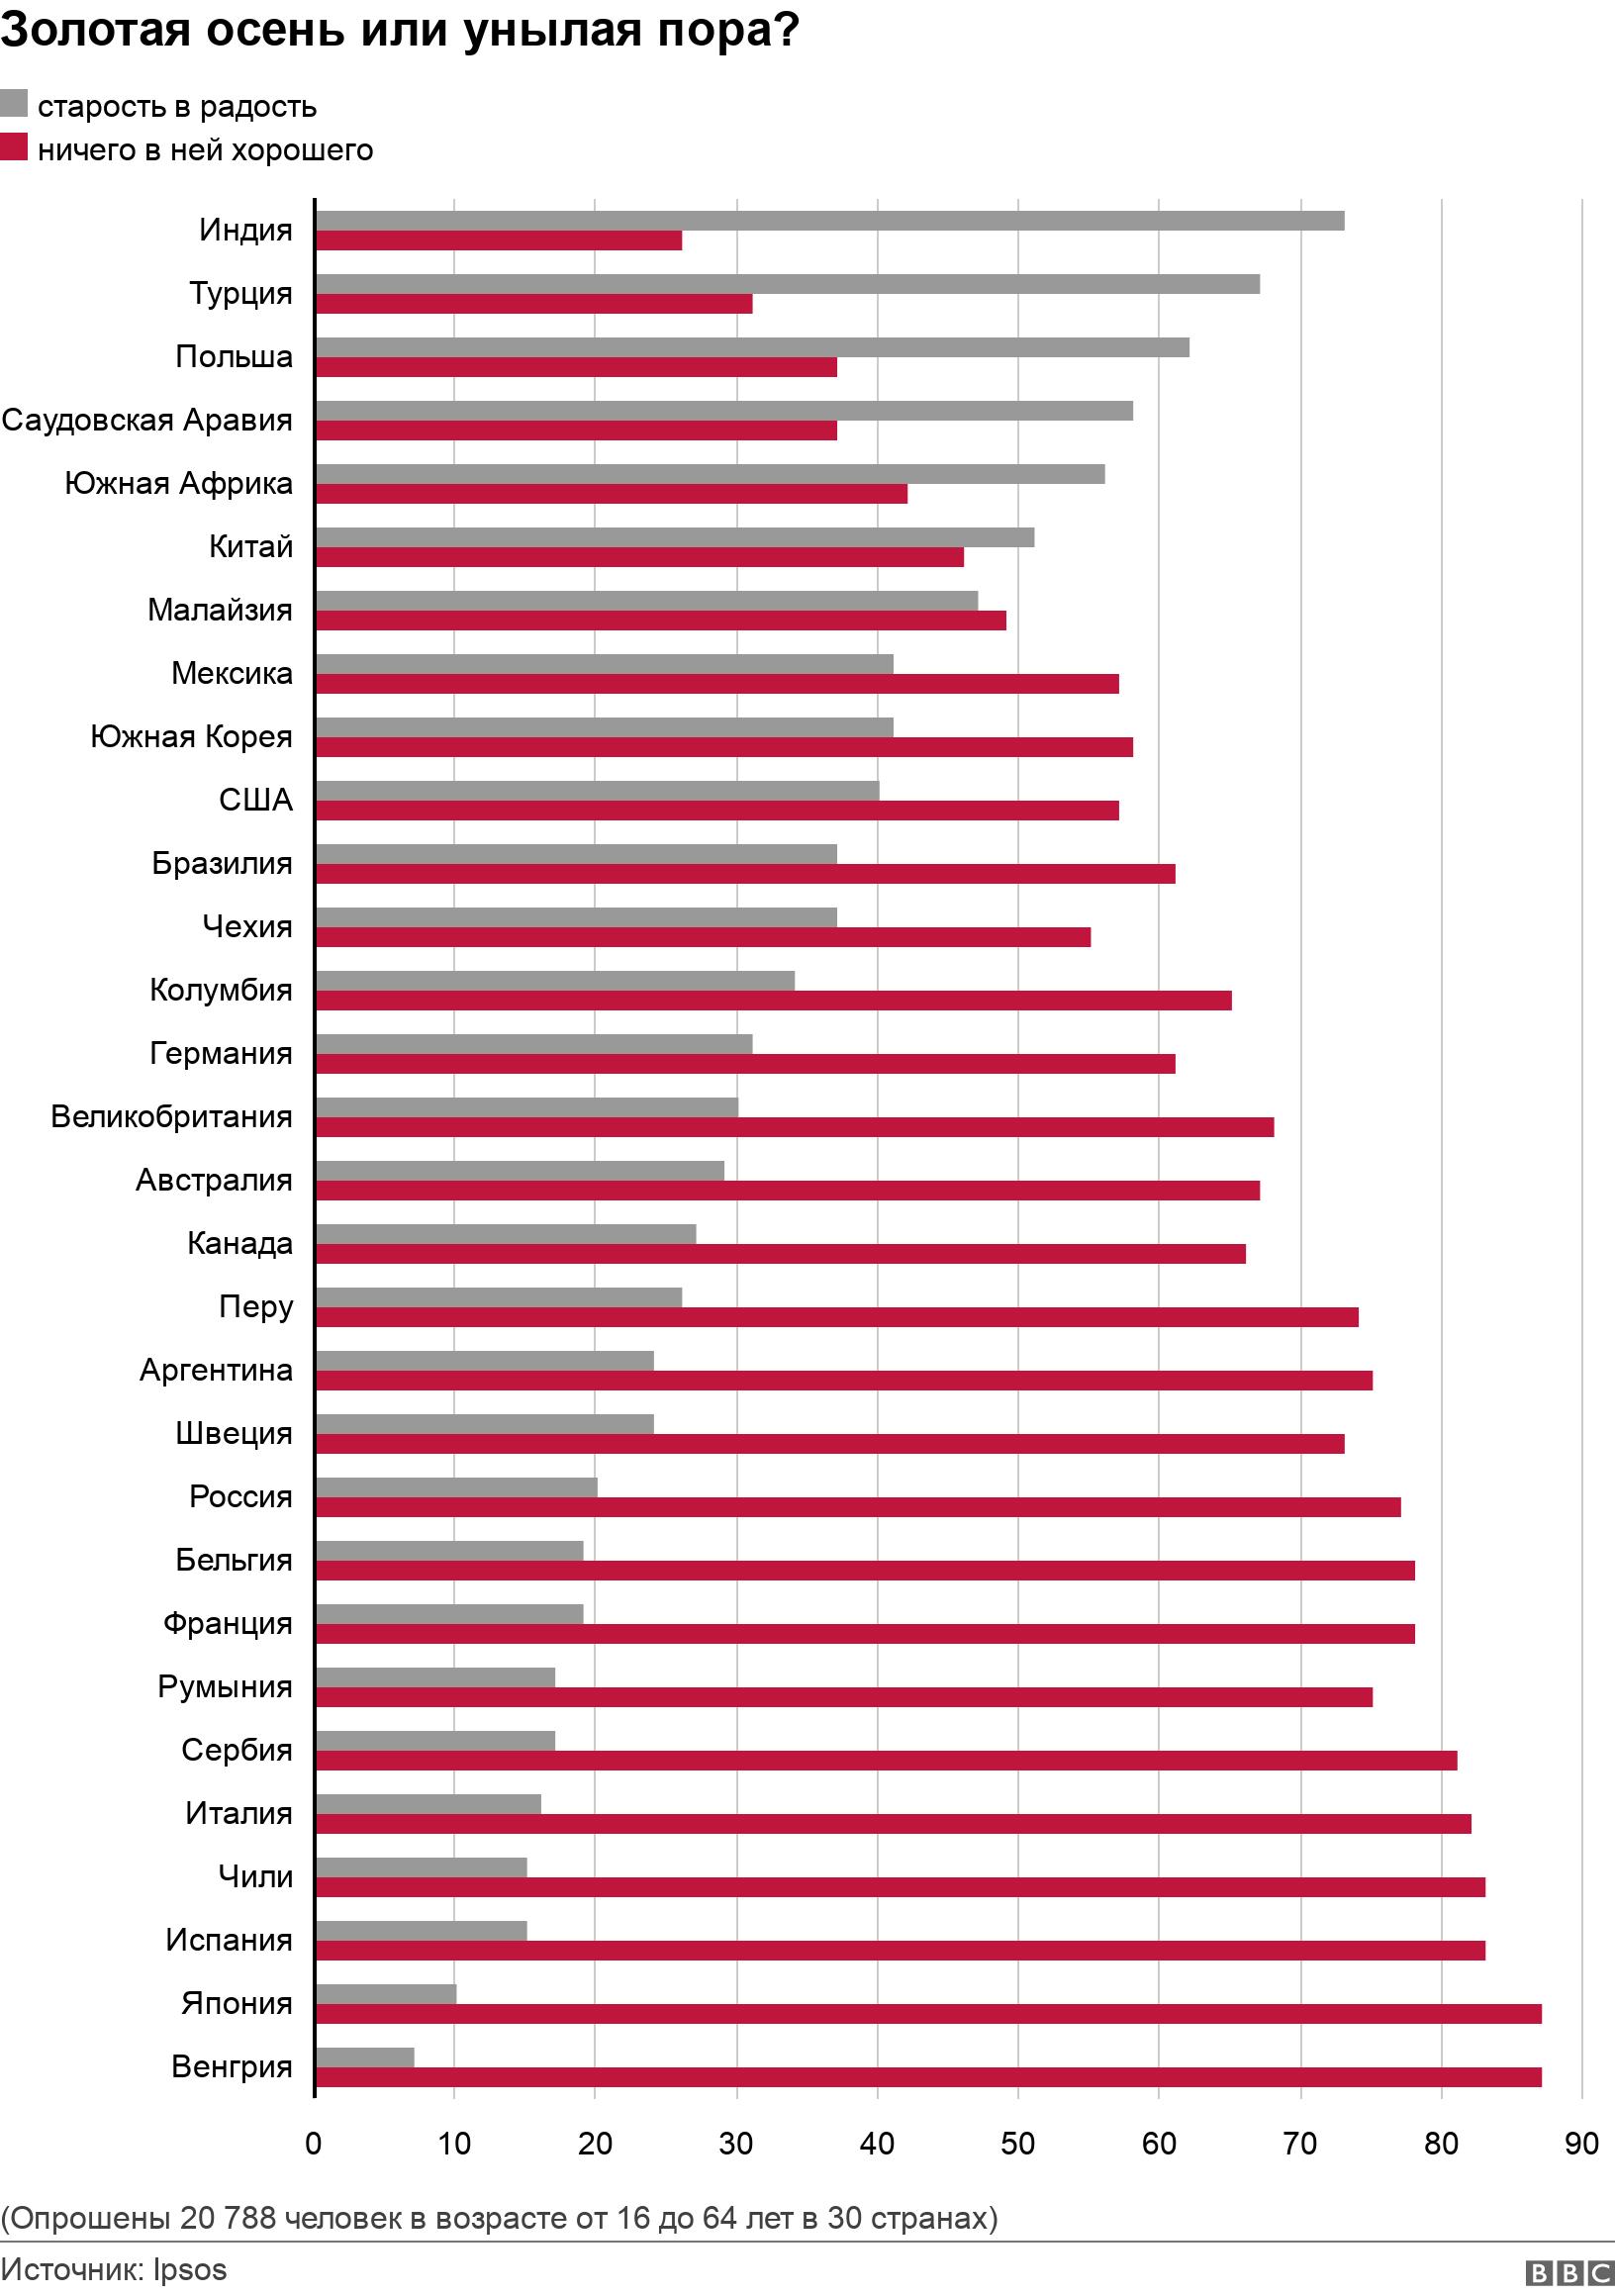 Золотая осень или унылая пора?. .  (Опрошены 20 788 человек в возрасте от 16 до 64 лет в 30 странах).